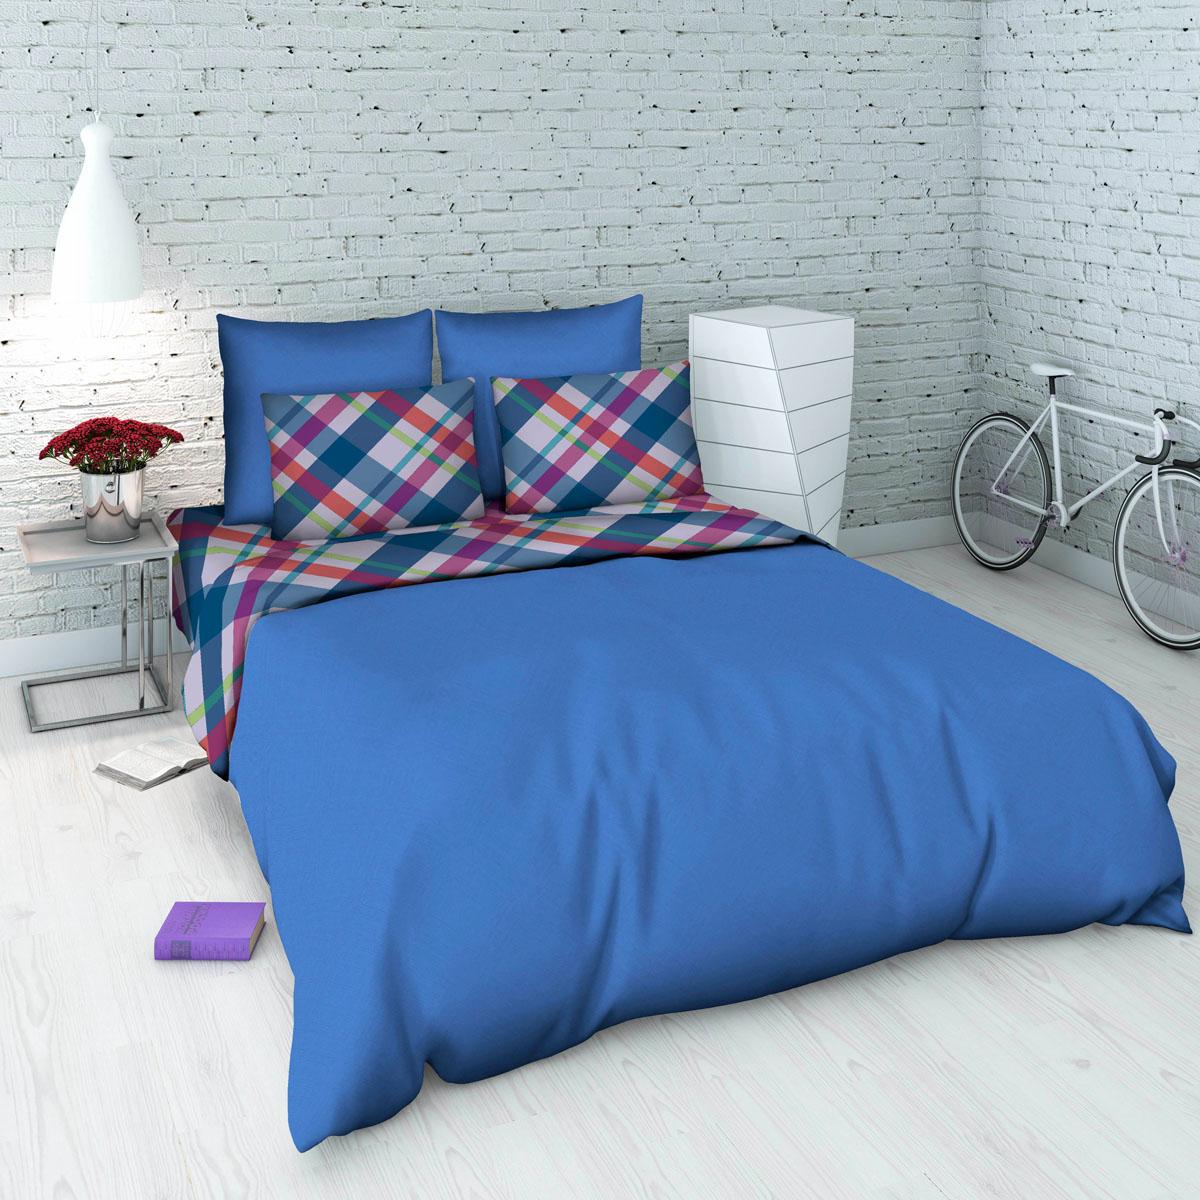 Комплект белья Василиса, 2-спальный, наволочки 70х70. 5345_2/25345_2/2Комплект постельного белья Василиса состоит из пододеяльника, простыни и двух наволочек. Белье производится из высококачественной бязи (100% хлопка). Использование особо тонкой пряжи делает ткань мягче на ощупь, обеспечивает легкое глажение и позволяет передать всю насыщенность цветовой гаммы. Благодаря более плотному переплетению нитей и использованию высококачественных импортных красителей постельное белье выдерживает до 70 стирок. Приобретая комплект постельного белья Василиса, вы можете быть уверены в том, что покупка доставит вам удовольствие и подарит максимальный комфорт.